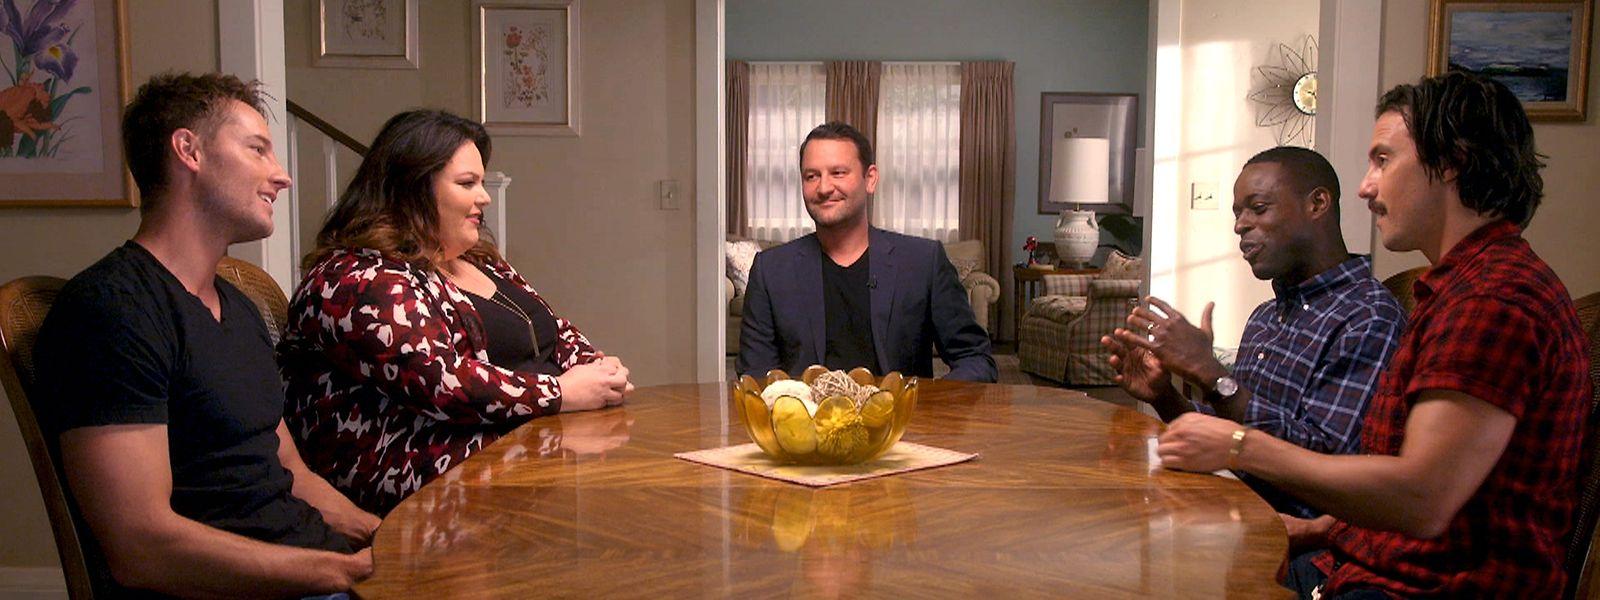 Eine Mischung aus Familien-Drama und Komödie: Im Mittelpunkt stehen die Zwillinge Kevin (Justin Hartley, e.v.l.) und Kate (Chrissy Metz, z.v.l) sowie ihr Adoptivbruder Randall (Sterling K. Brown, d. v. l.).